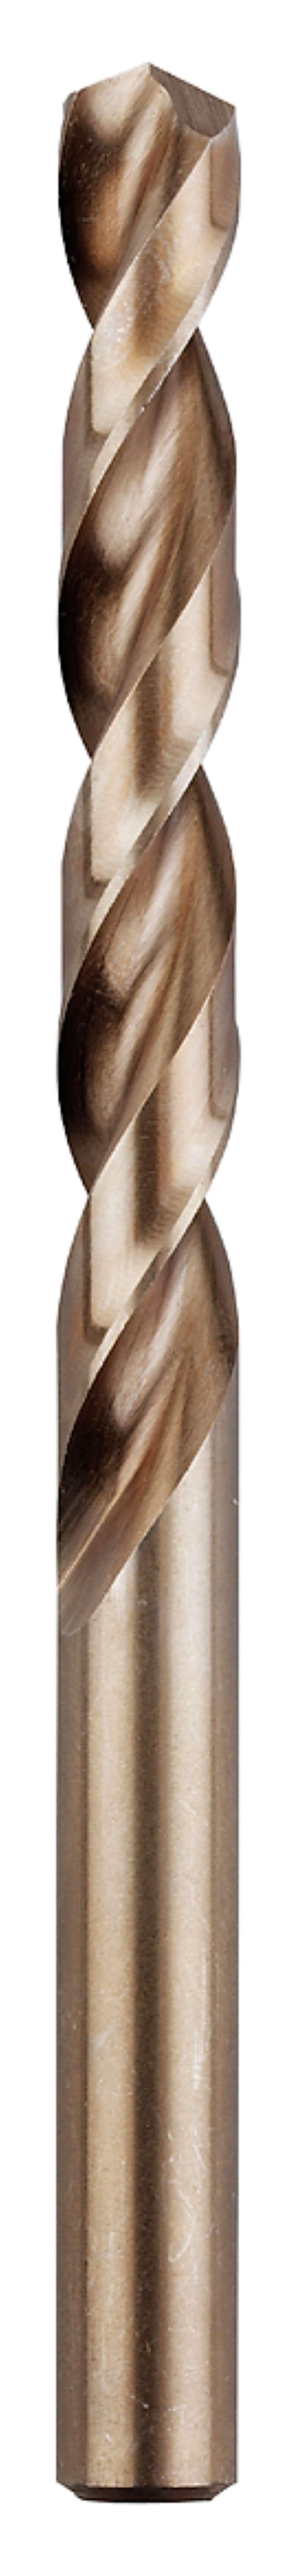 Сверло по металлу Kwb 248-655